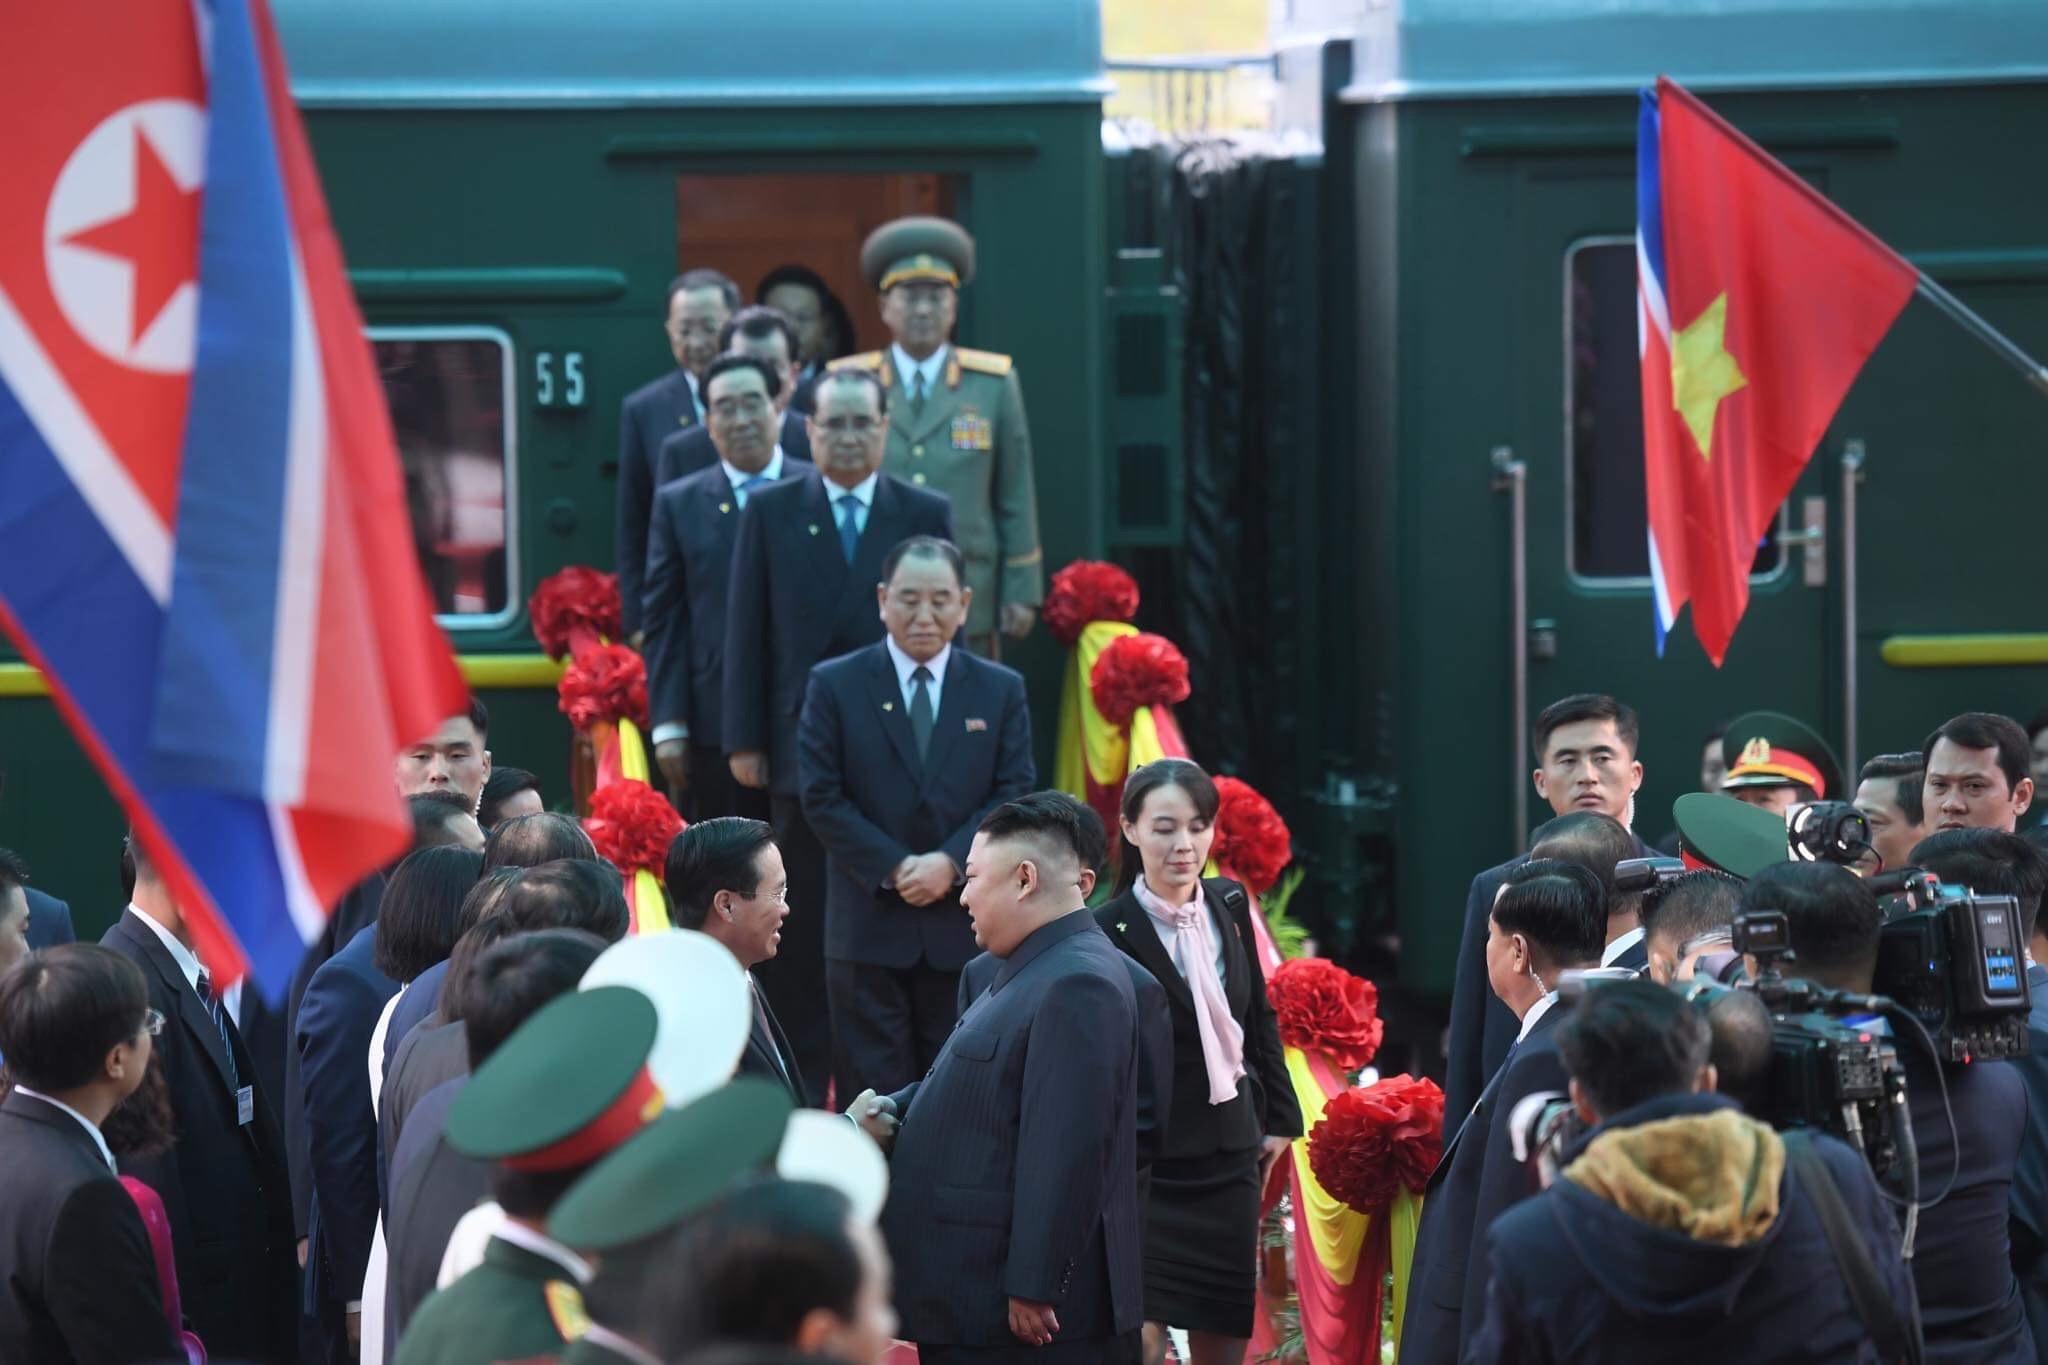 Những hình ảnh đầu tiên của Chủ tịch Triều Tiên Kim Jong-un tại Việt Nam 4